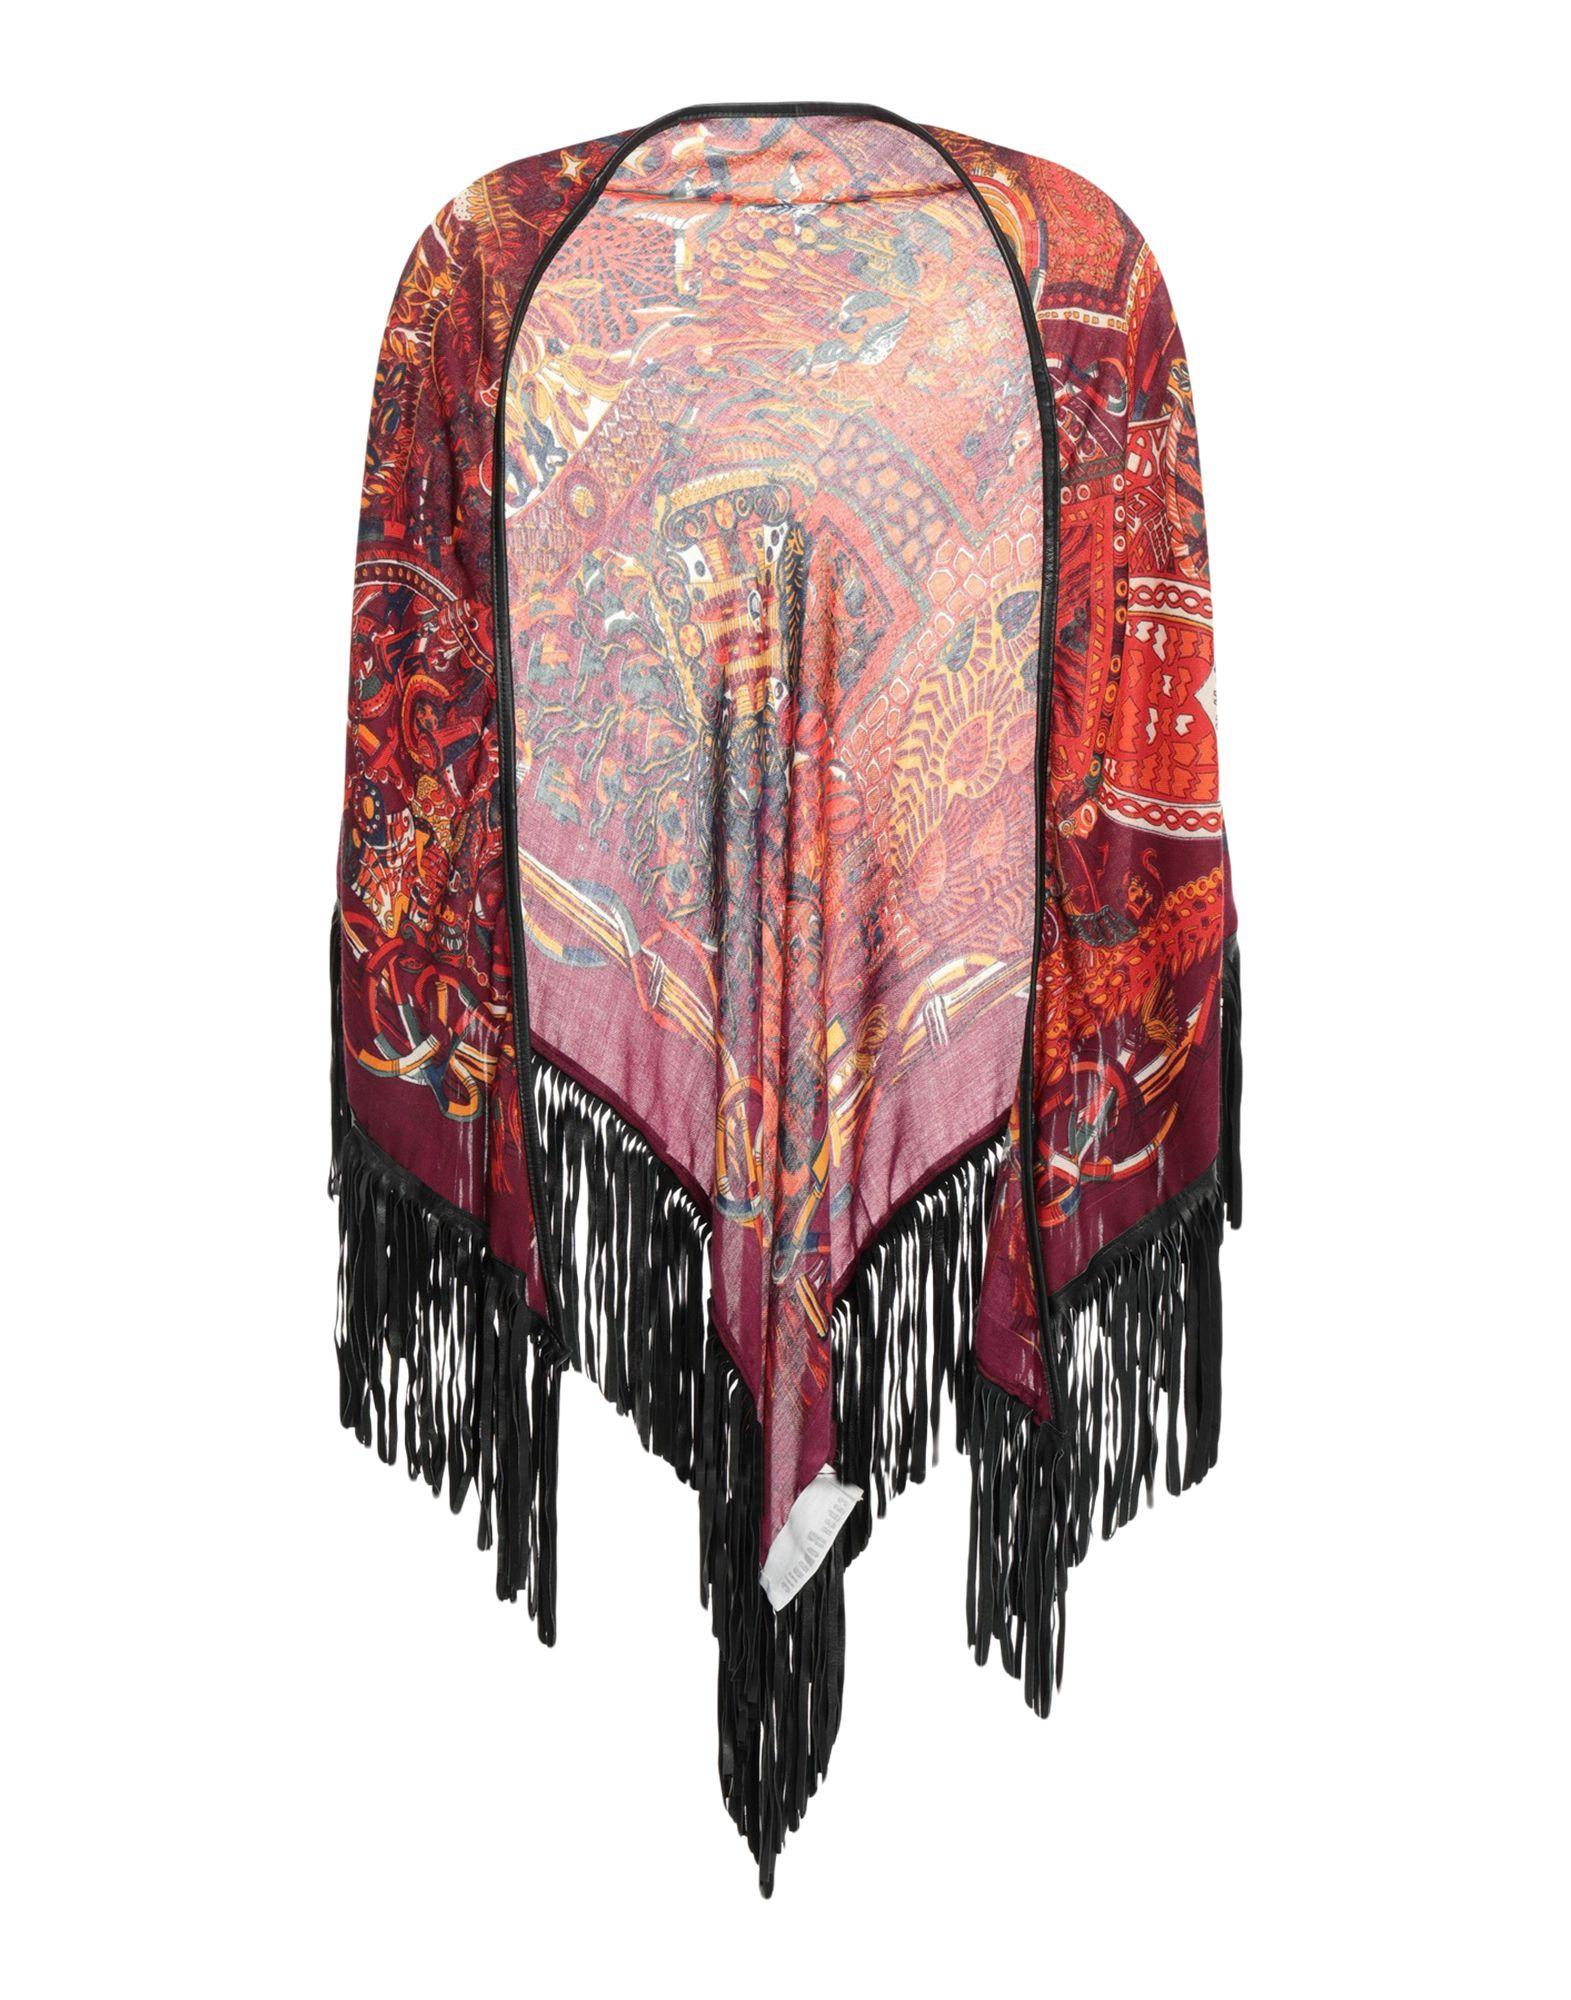 CABAN ROMANTIC Шаль павловопосадская шерстяная шаль с шелковой бахромой волшебный узор 148х148 см